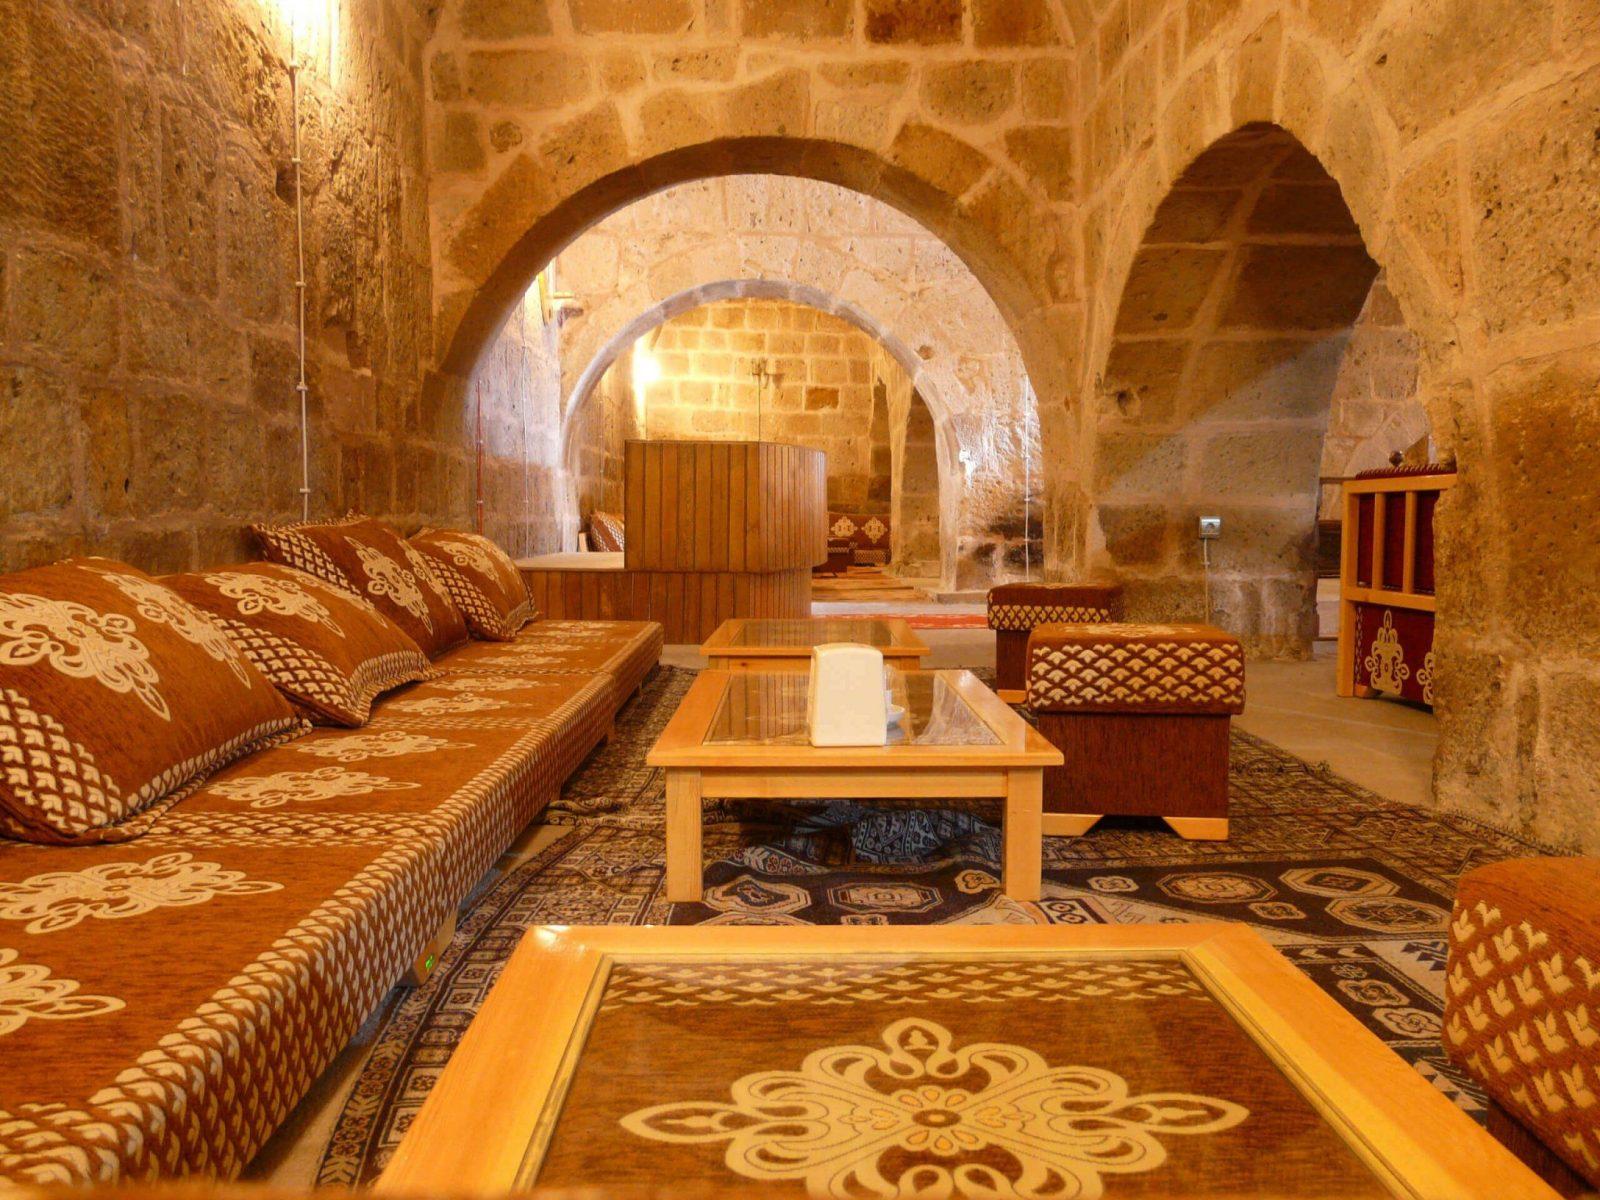 Orientalische Einrichtung Eine Reise Ins Arabische Märchen von Orientalisch Einrichten 1001 Nacht Bild